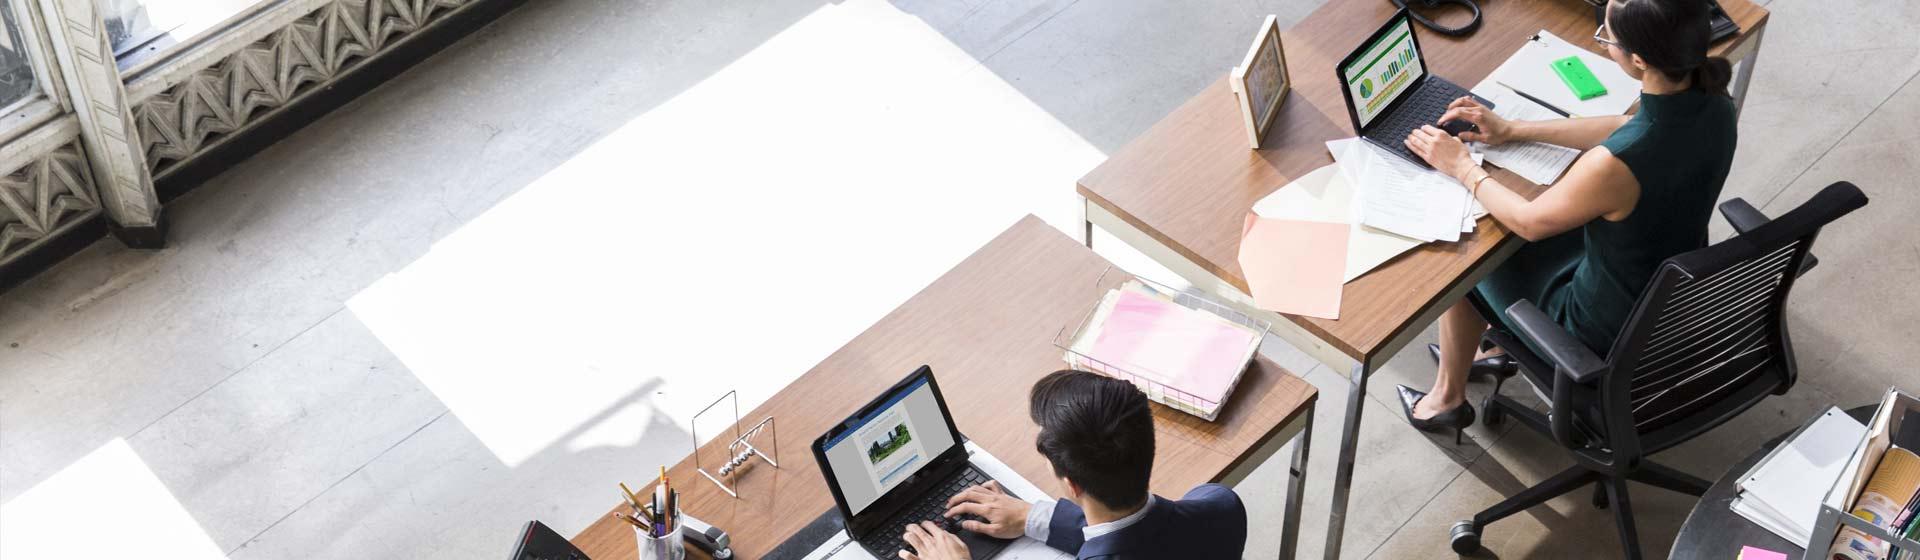 Získejte větší hodnotu – upgradujte z Office 2013 na Office 365 ještě dnes